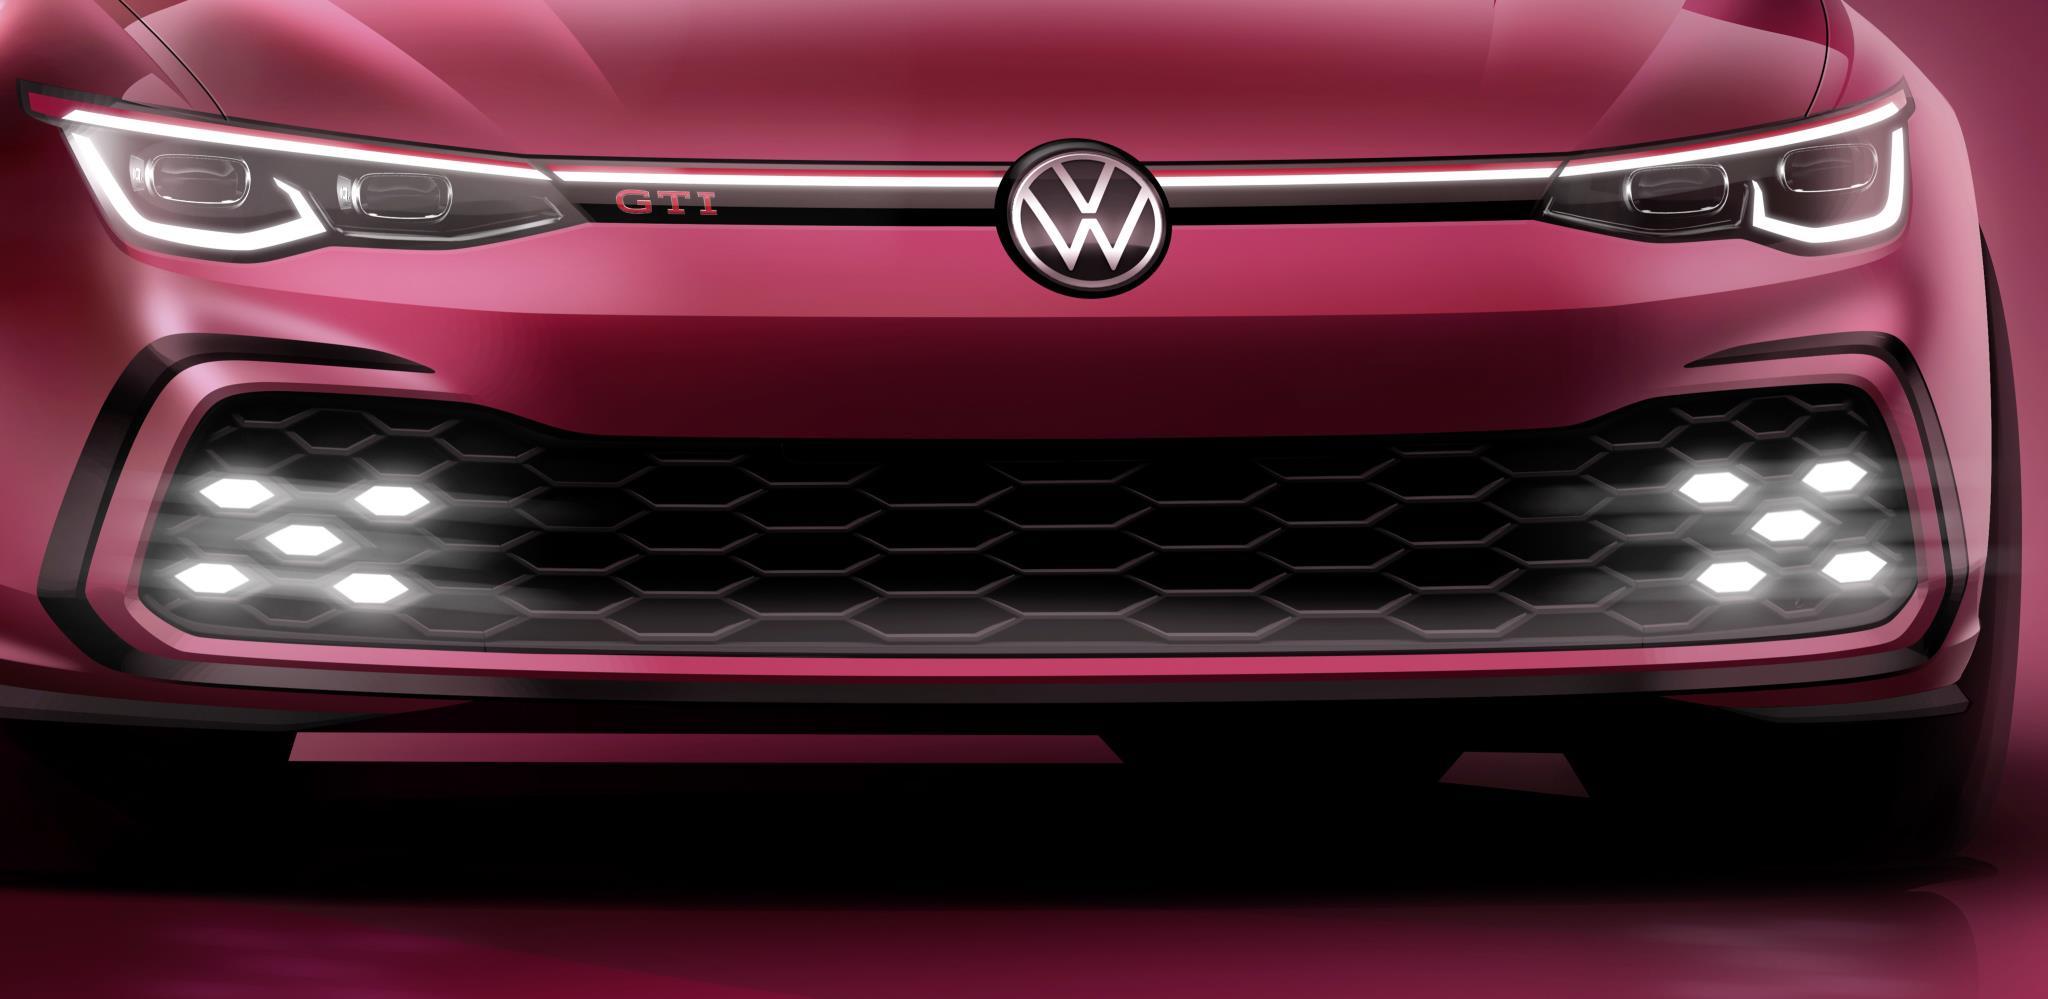 Teaser mostra filete de leds ligando os dois faróis afilados do Golf GTI vermelho e nichos de leds em forma d losango nas entradas de ar inferiores